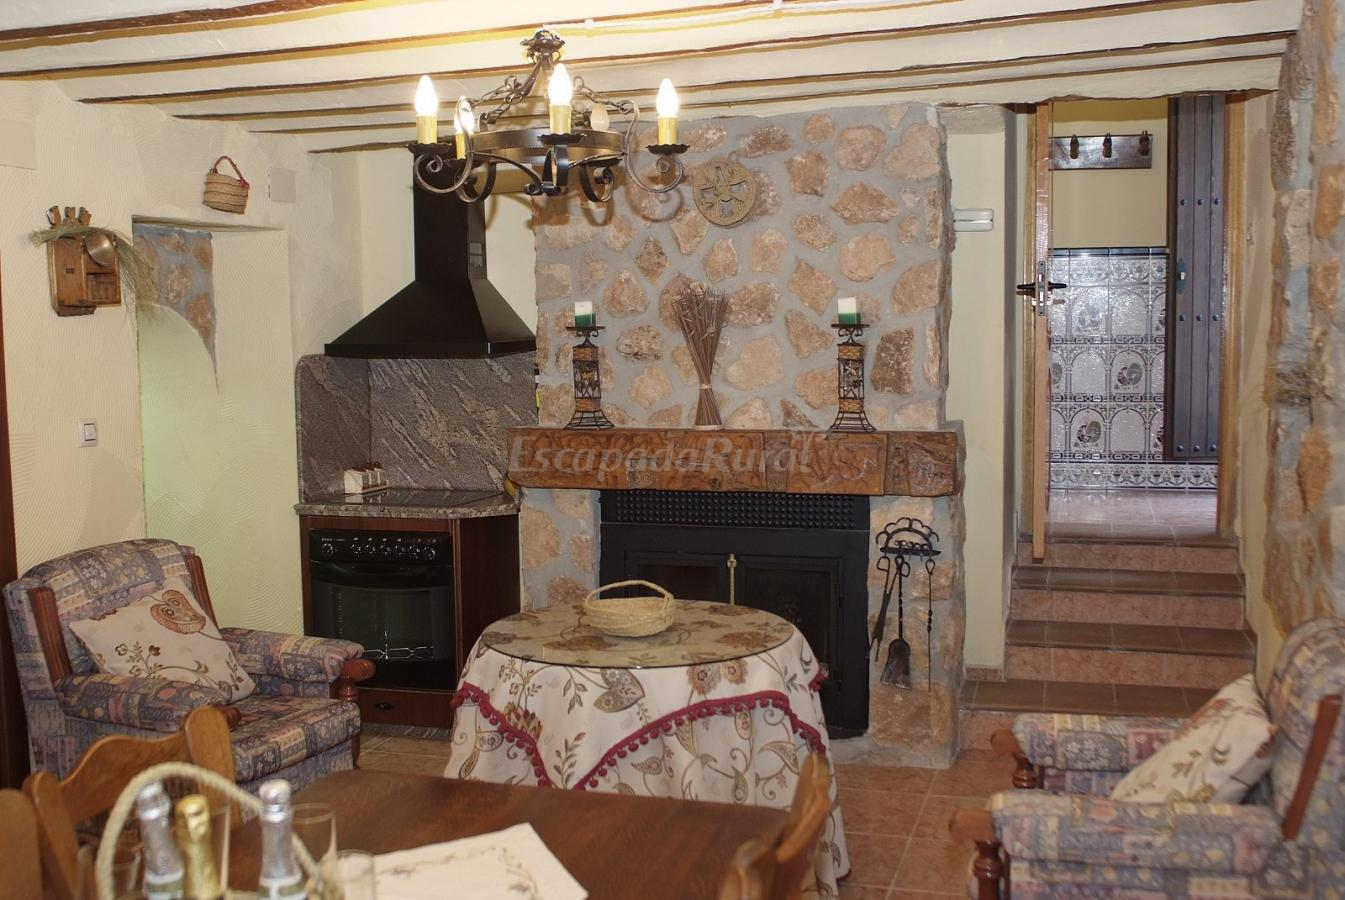 Fotos von La Liebre - Casa rural en Hinojares (Jaén)